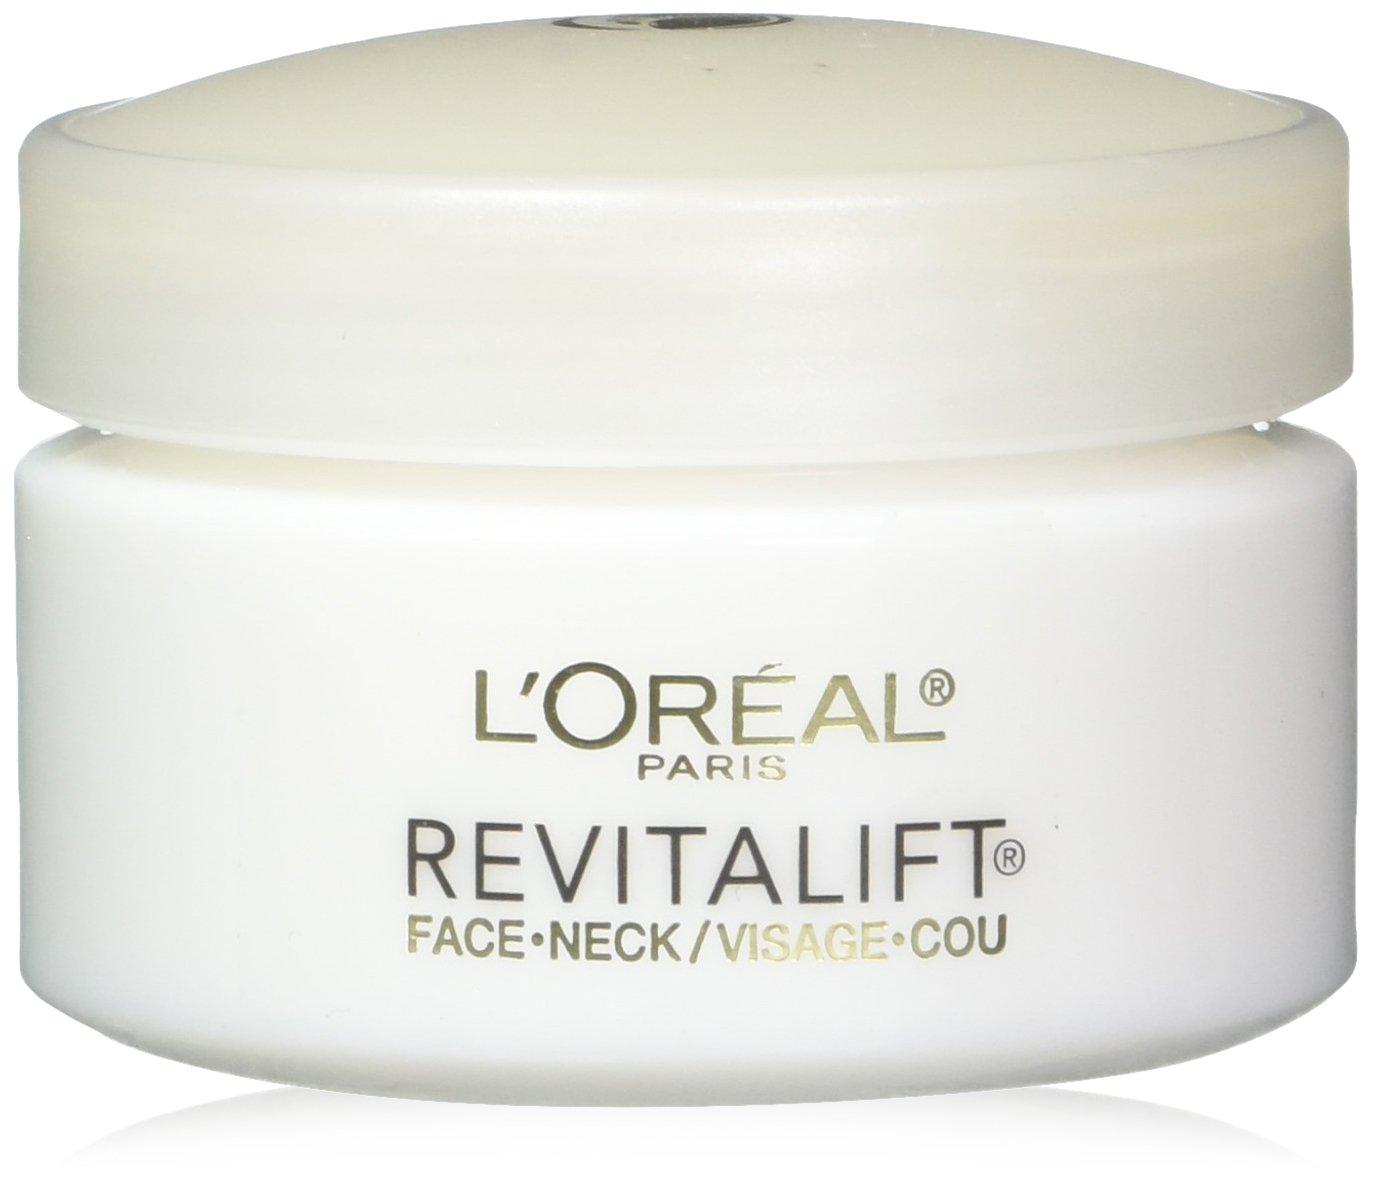 L'Oréal Paris Revitalift Anti-Wrinkle + Firming Face & Neck Cream, 1.7 oz.